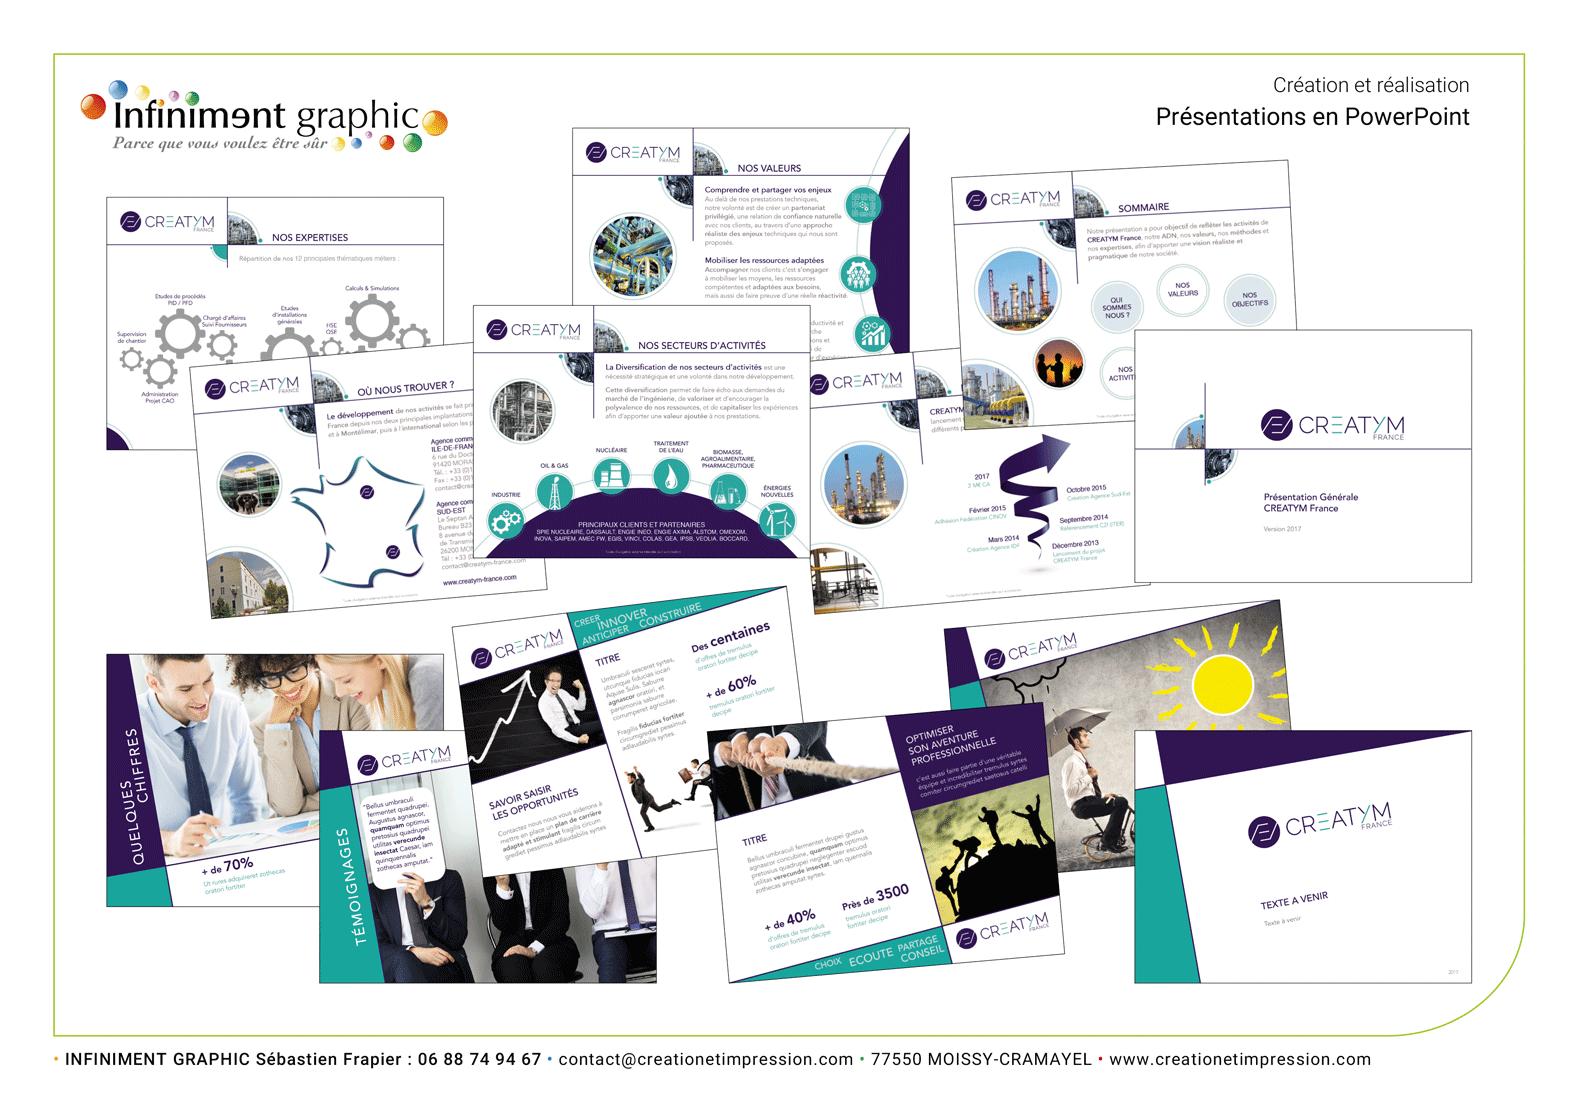 Présentations pour PowerPoint 5